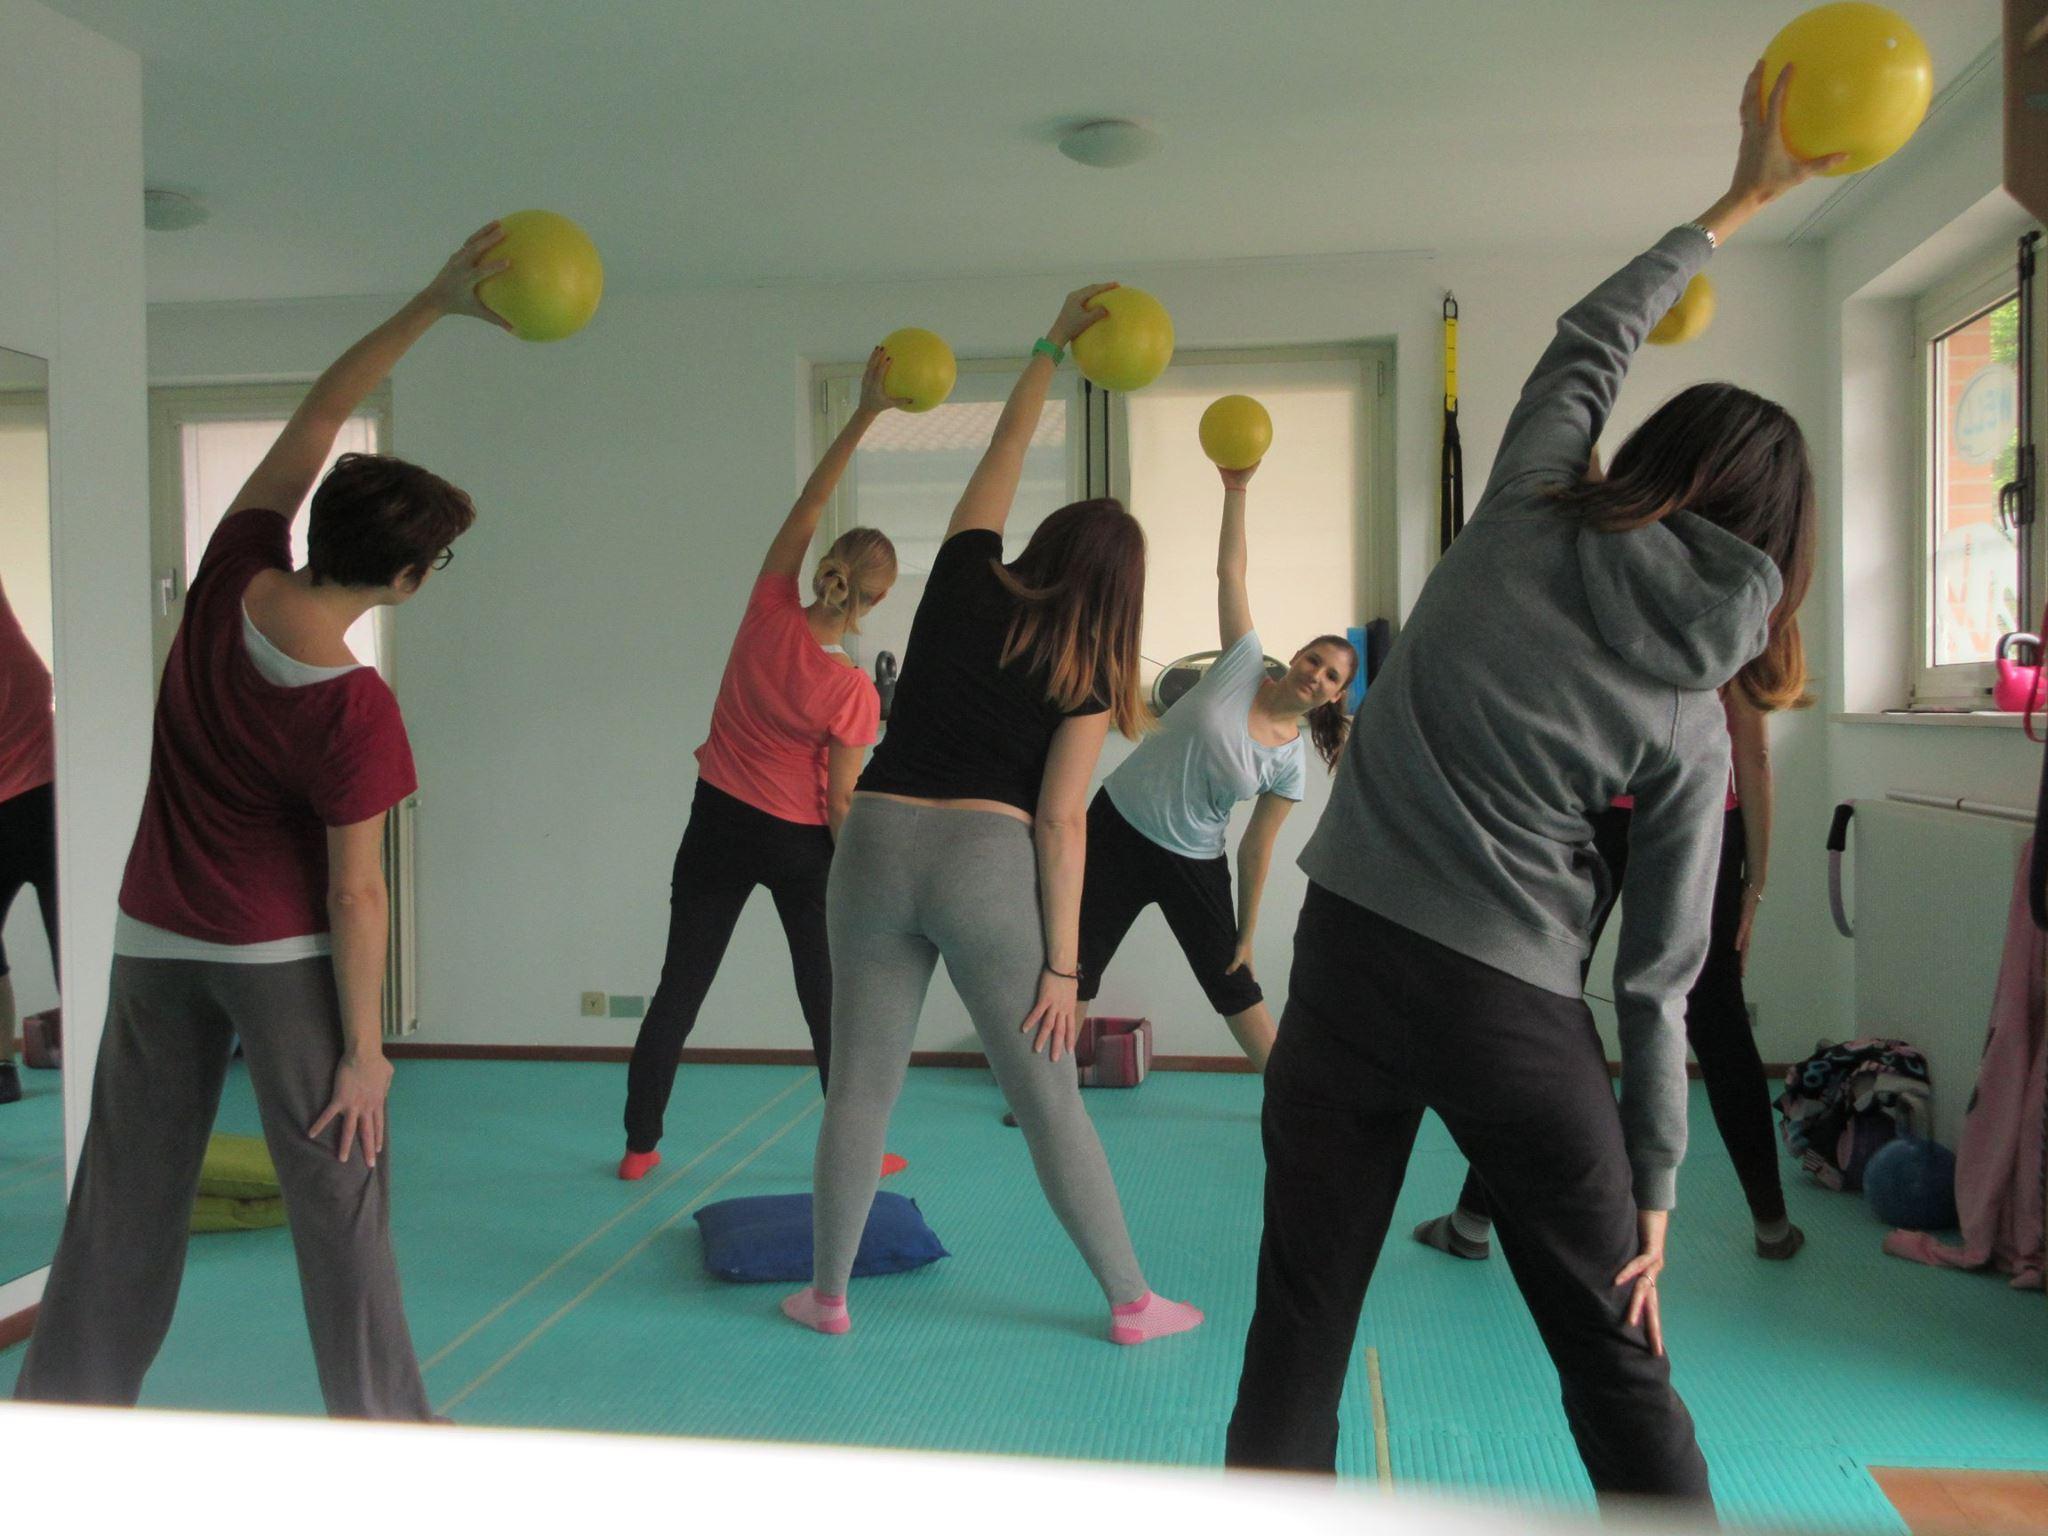 ginnastica in gravidanza a Udine-accanto alla donna